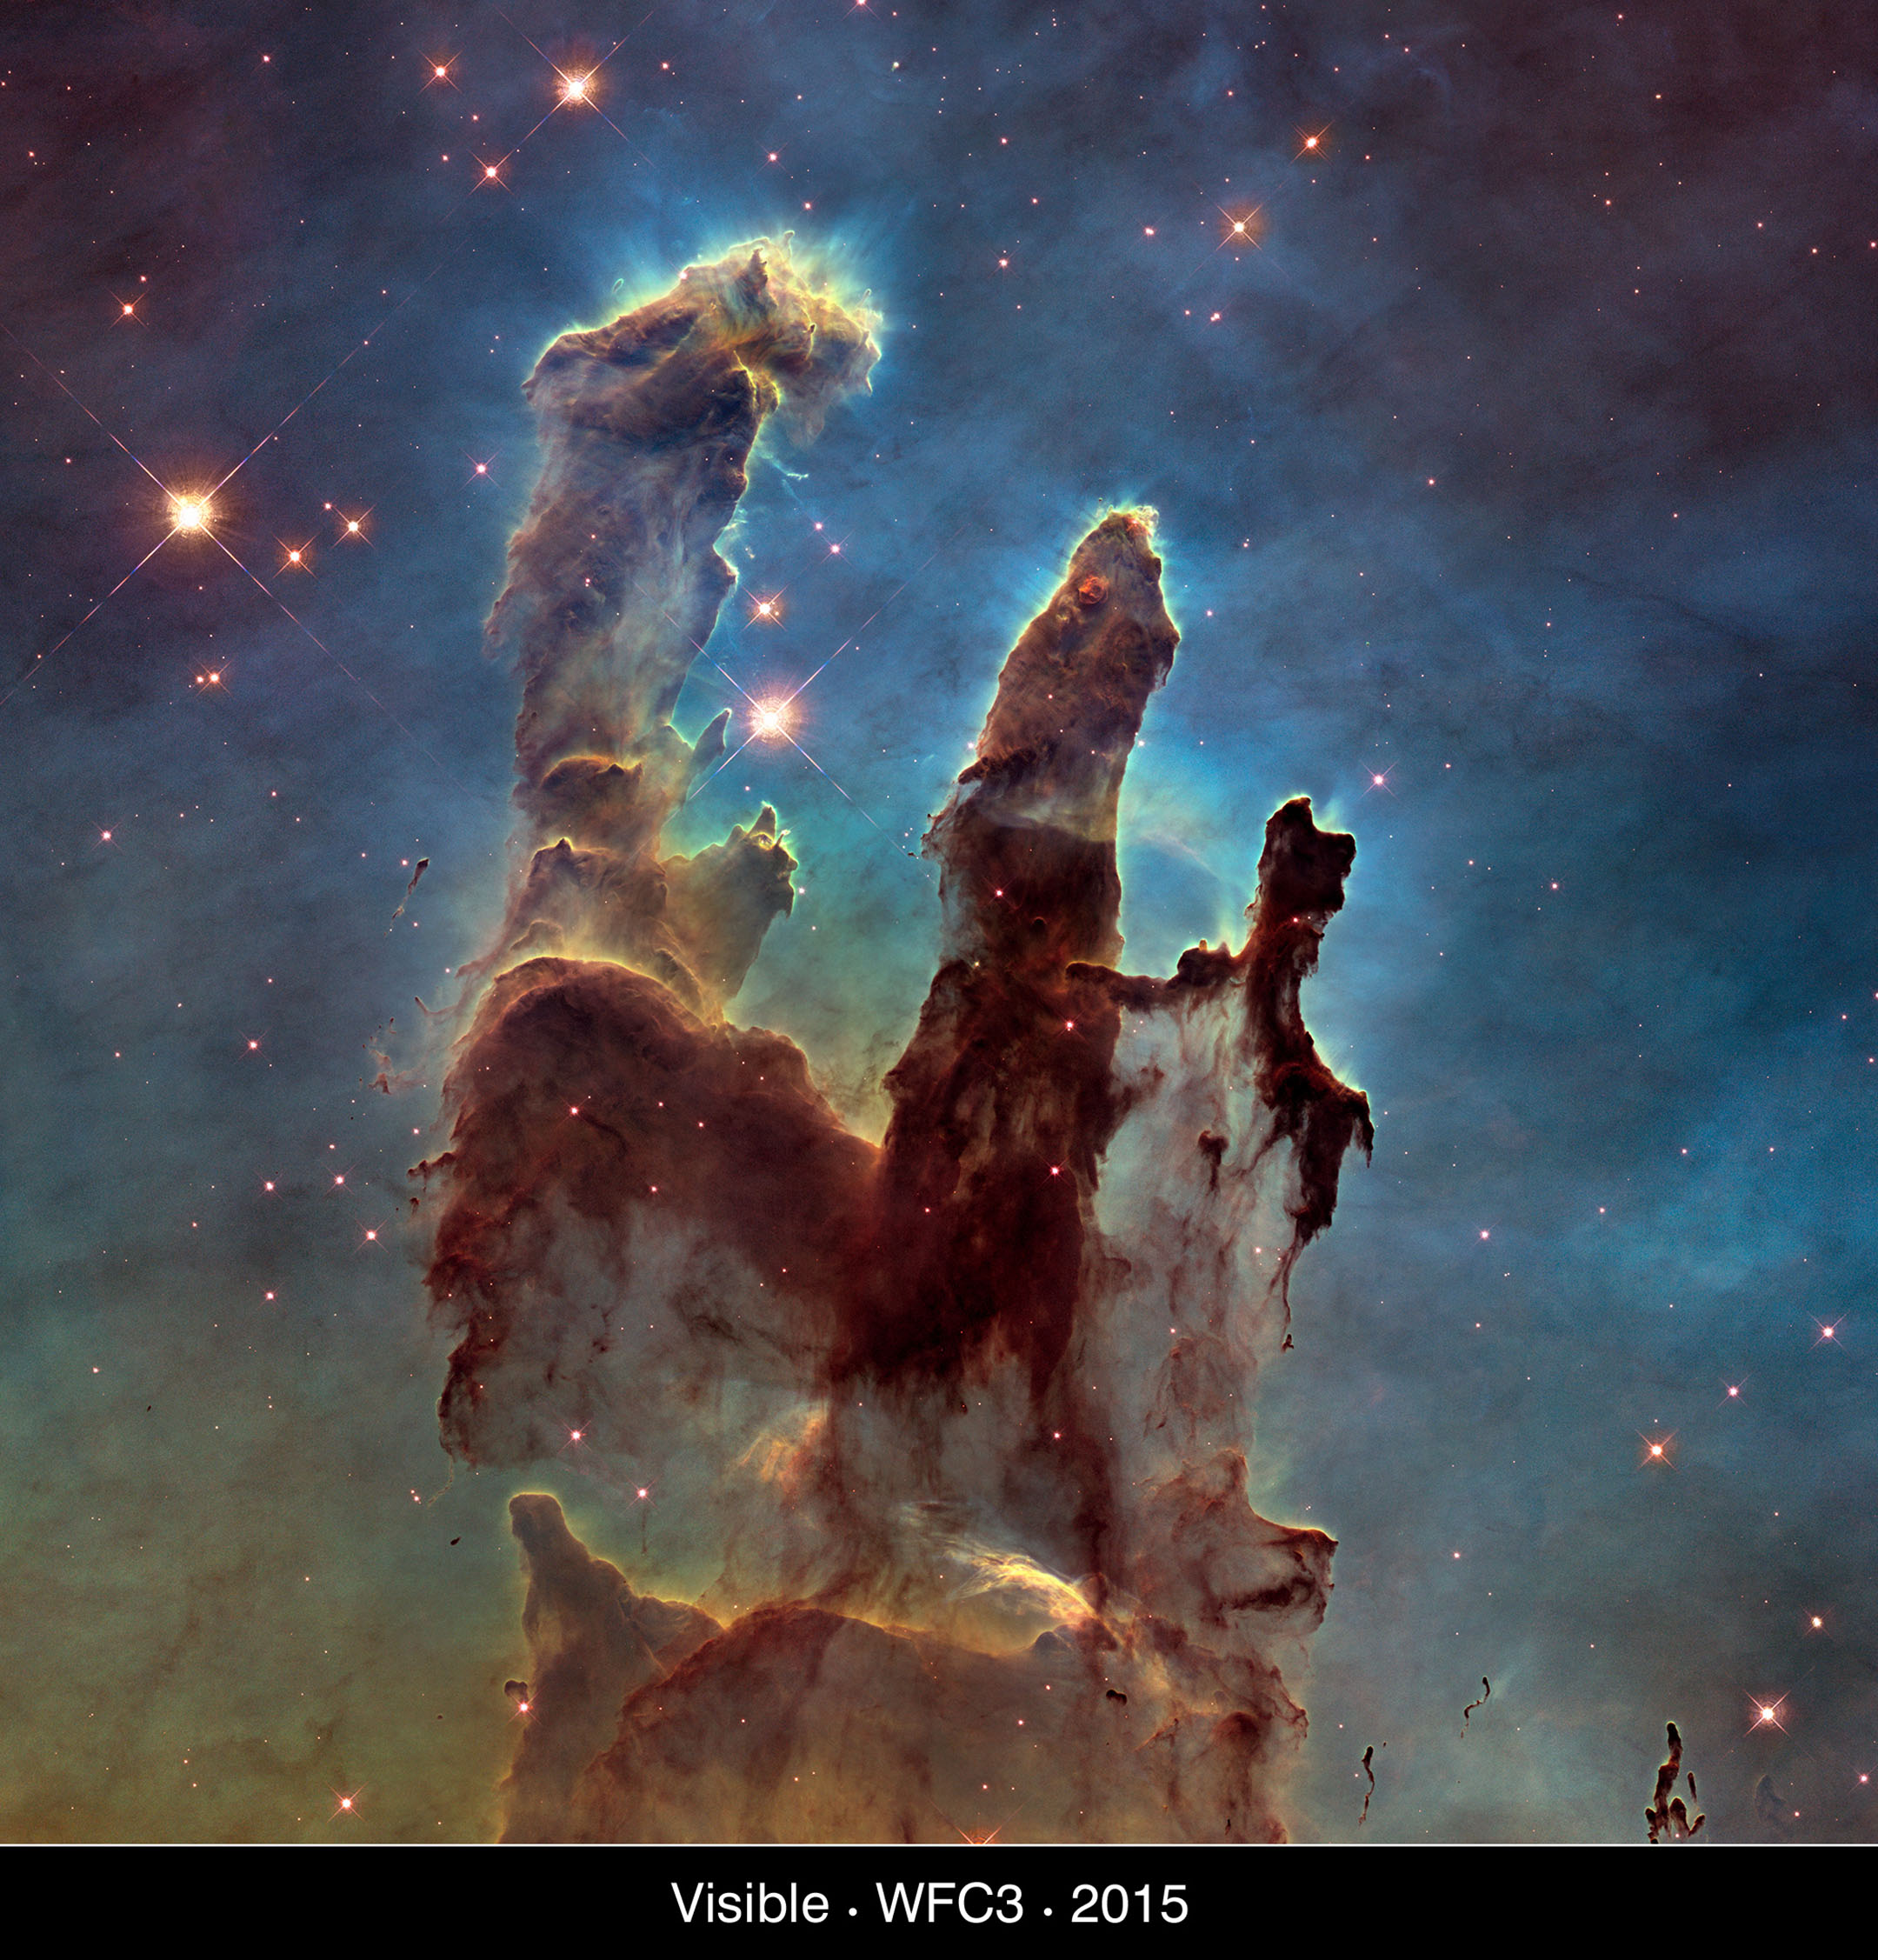 nasa images of nebulae - photo #8